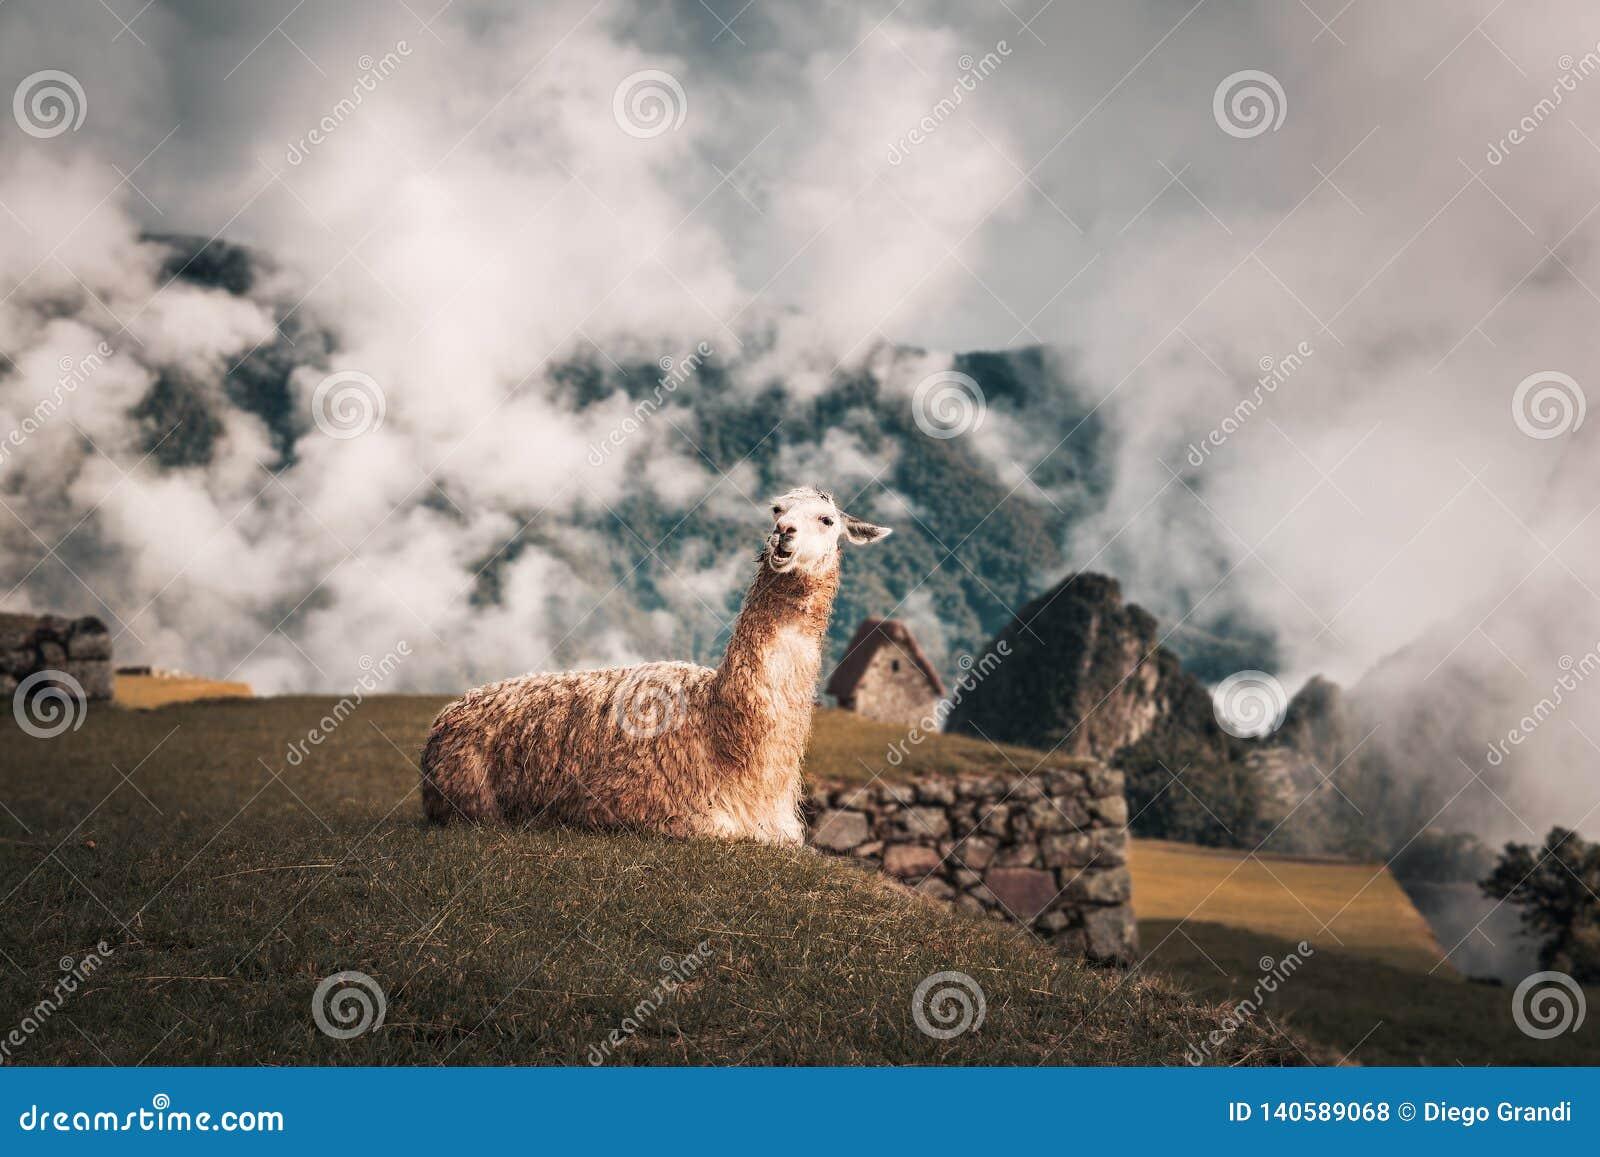 Lama em Machu Picchu Inca Ruins - vale sagrado, Peru